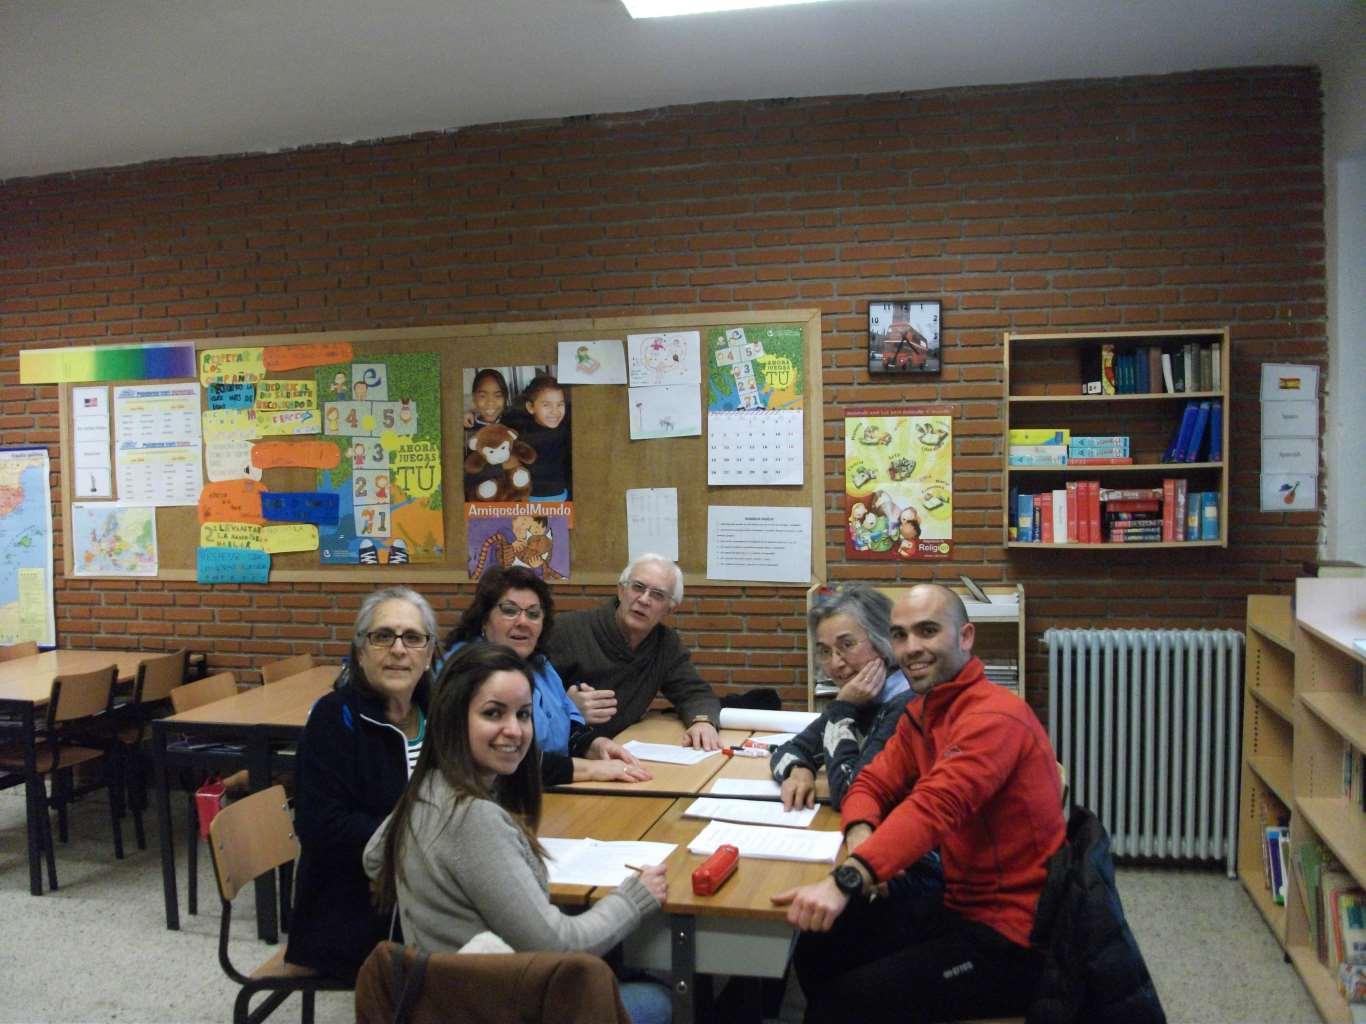 Colegio calasanz fundaci n escolapias montal dream alcal - Colegio escolapias madrid ...